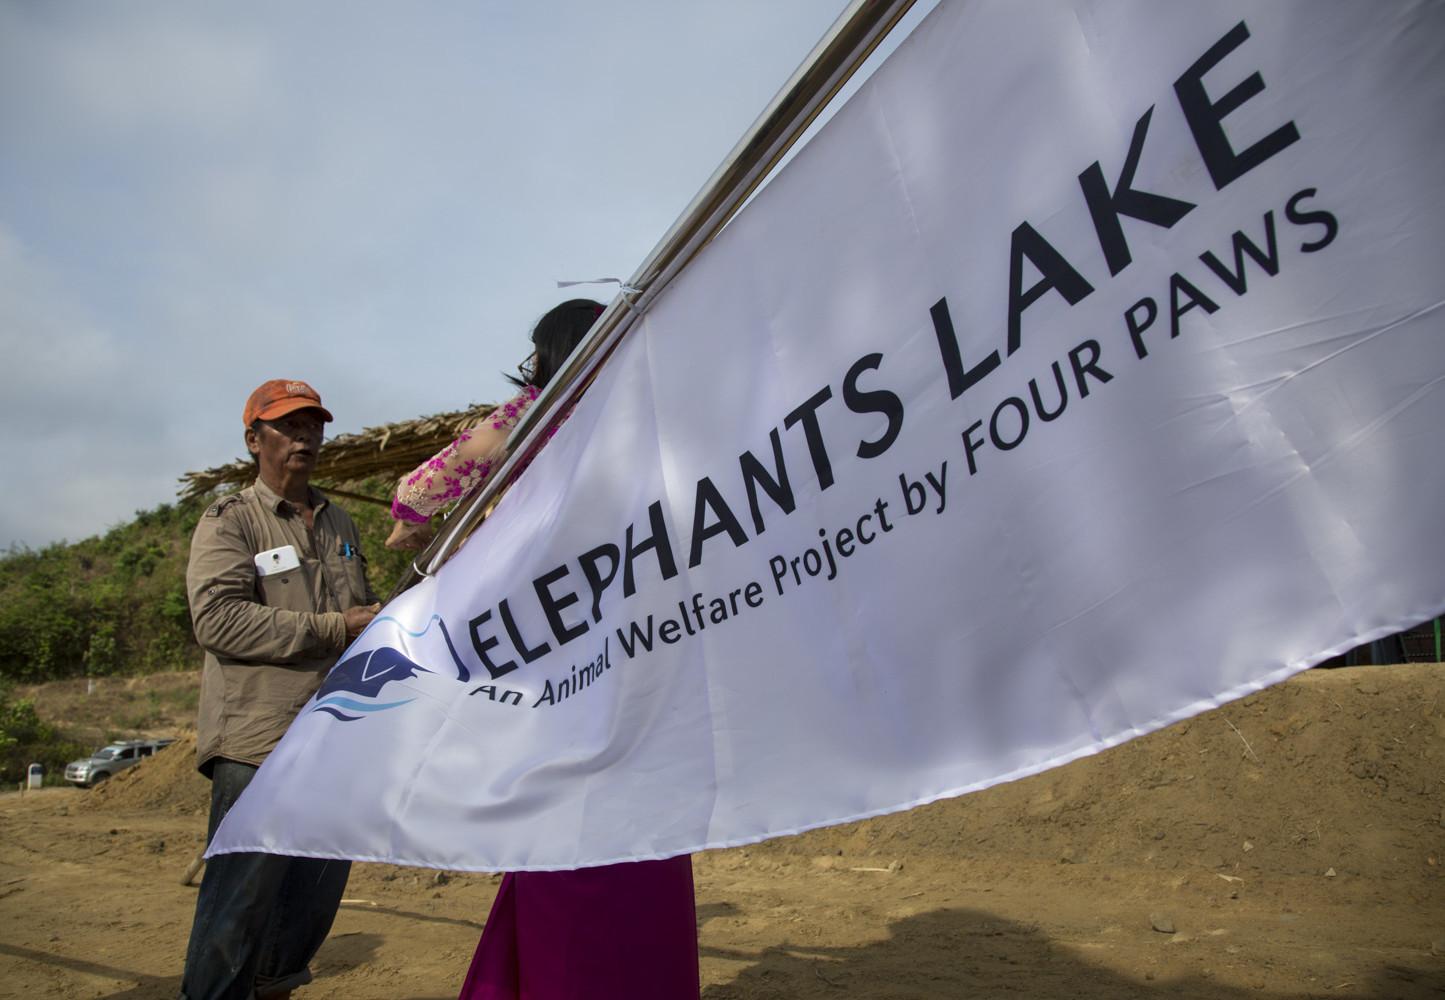 Opening of ELEPHANTS LAKE